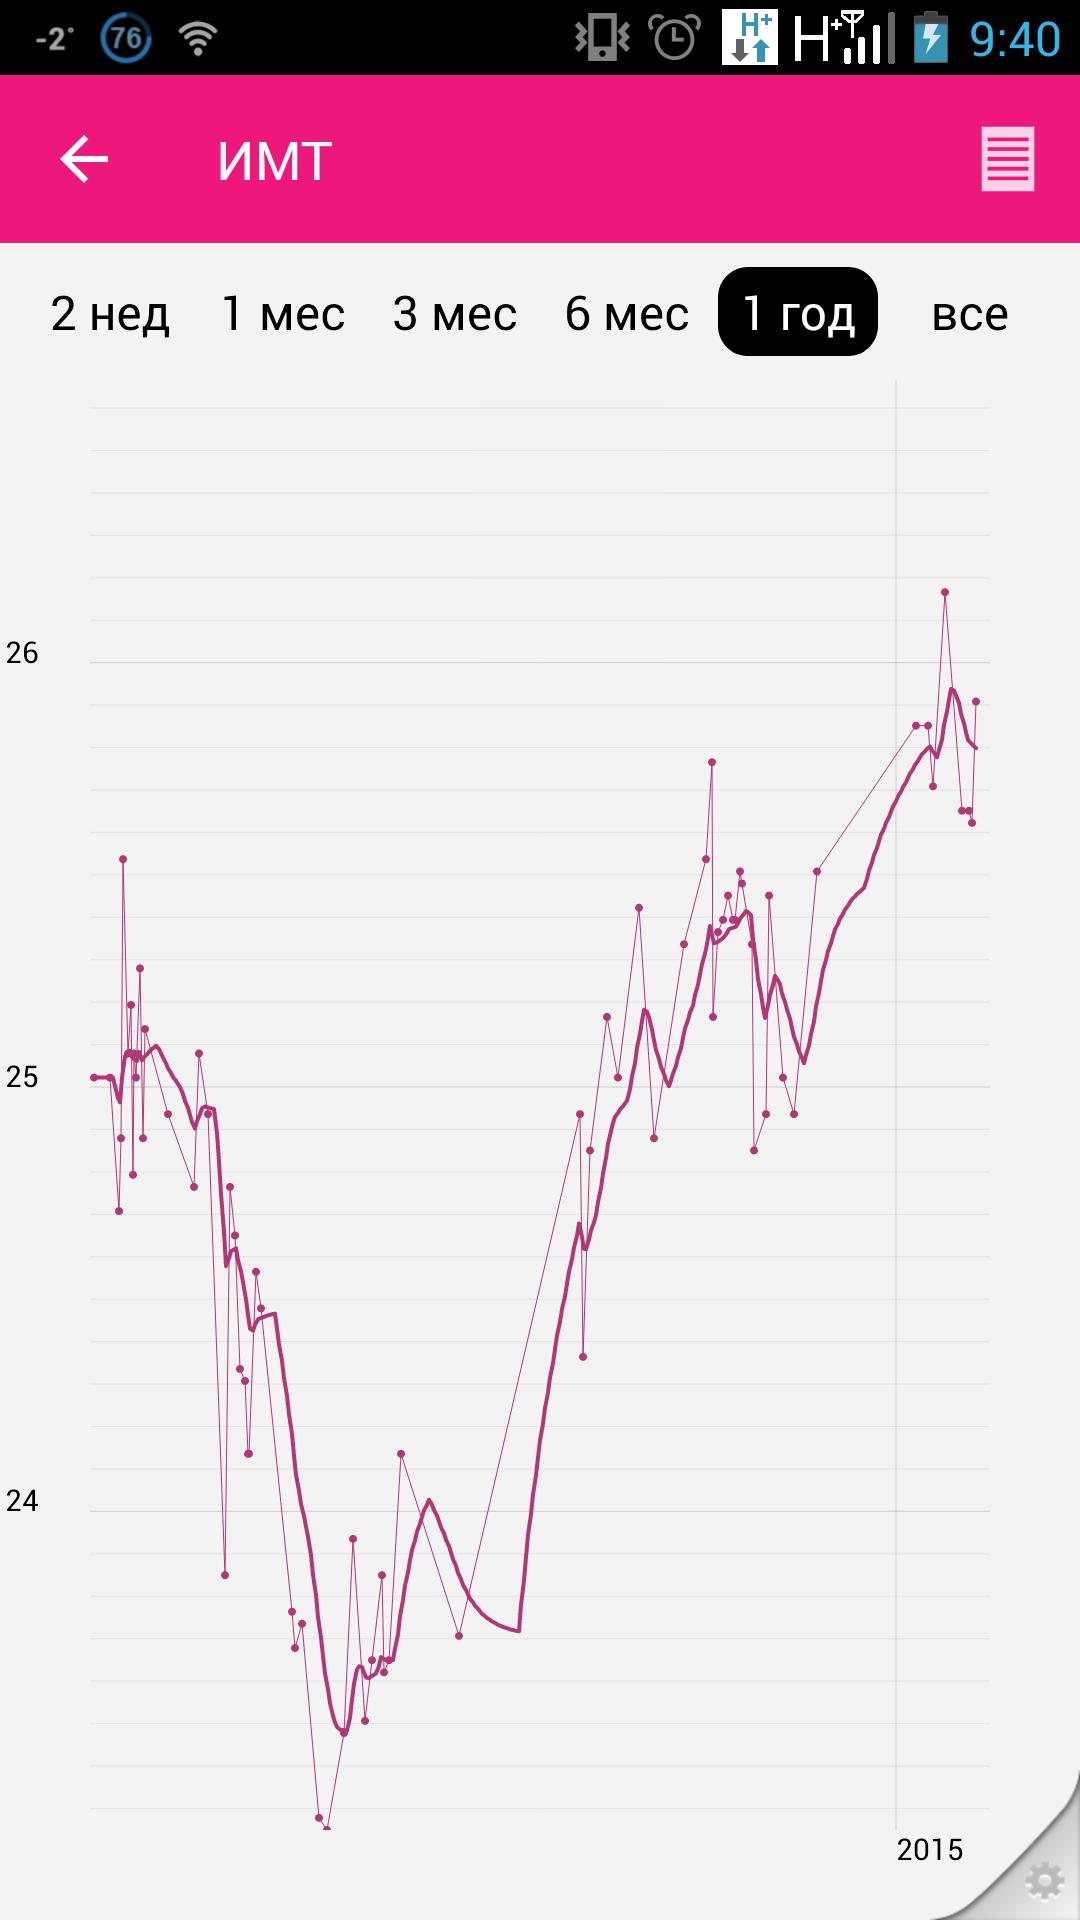 График изменения индекса массы тела за год с февраля 2014 по февраль 2015